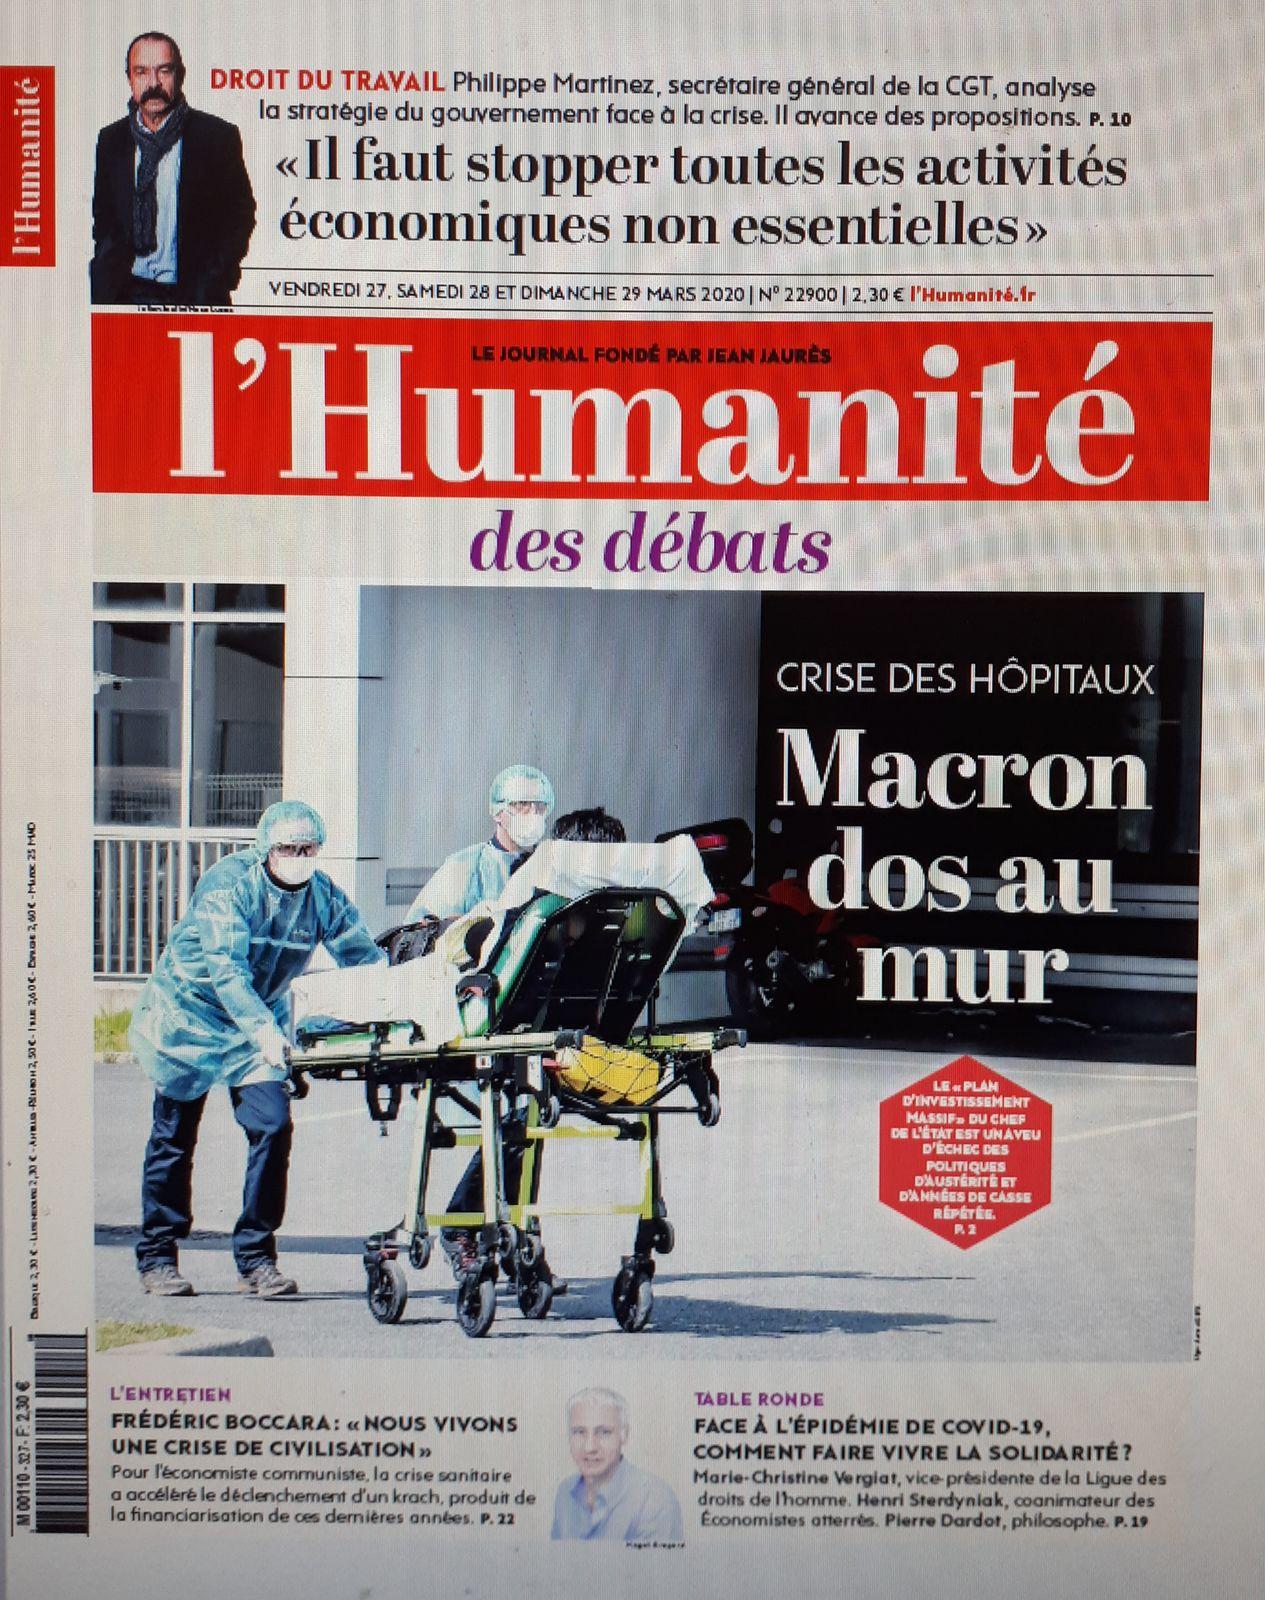 « Il faut stopper toutes les activités économiques non essentielles » P.Martinez dans l'Humanité du 27/03/20